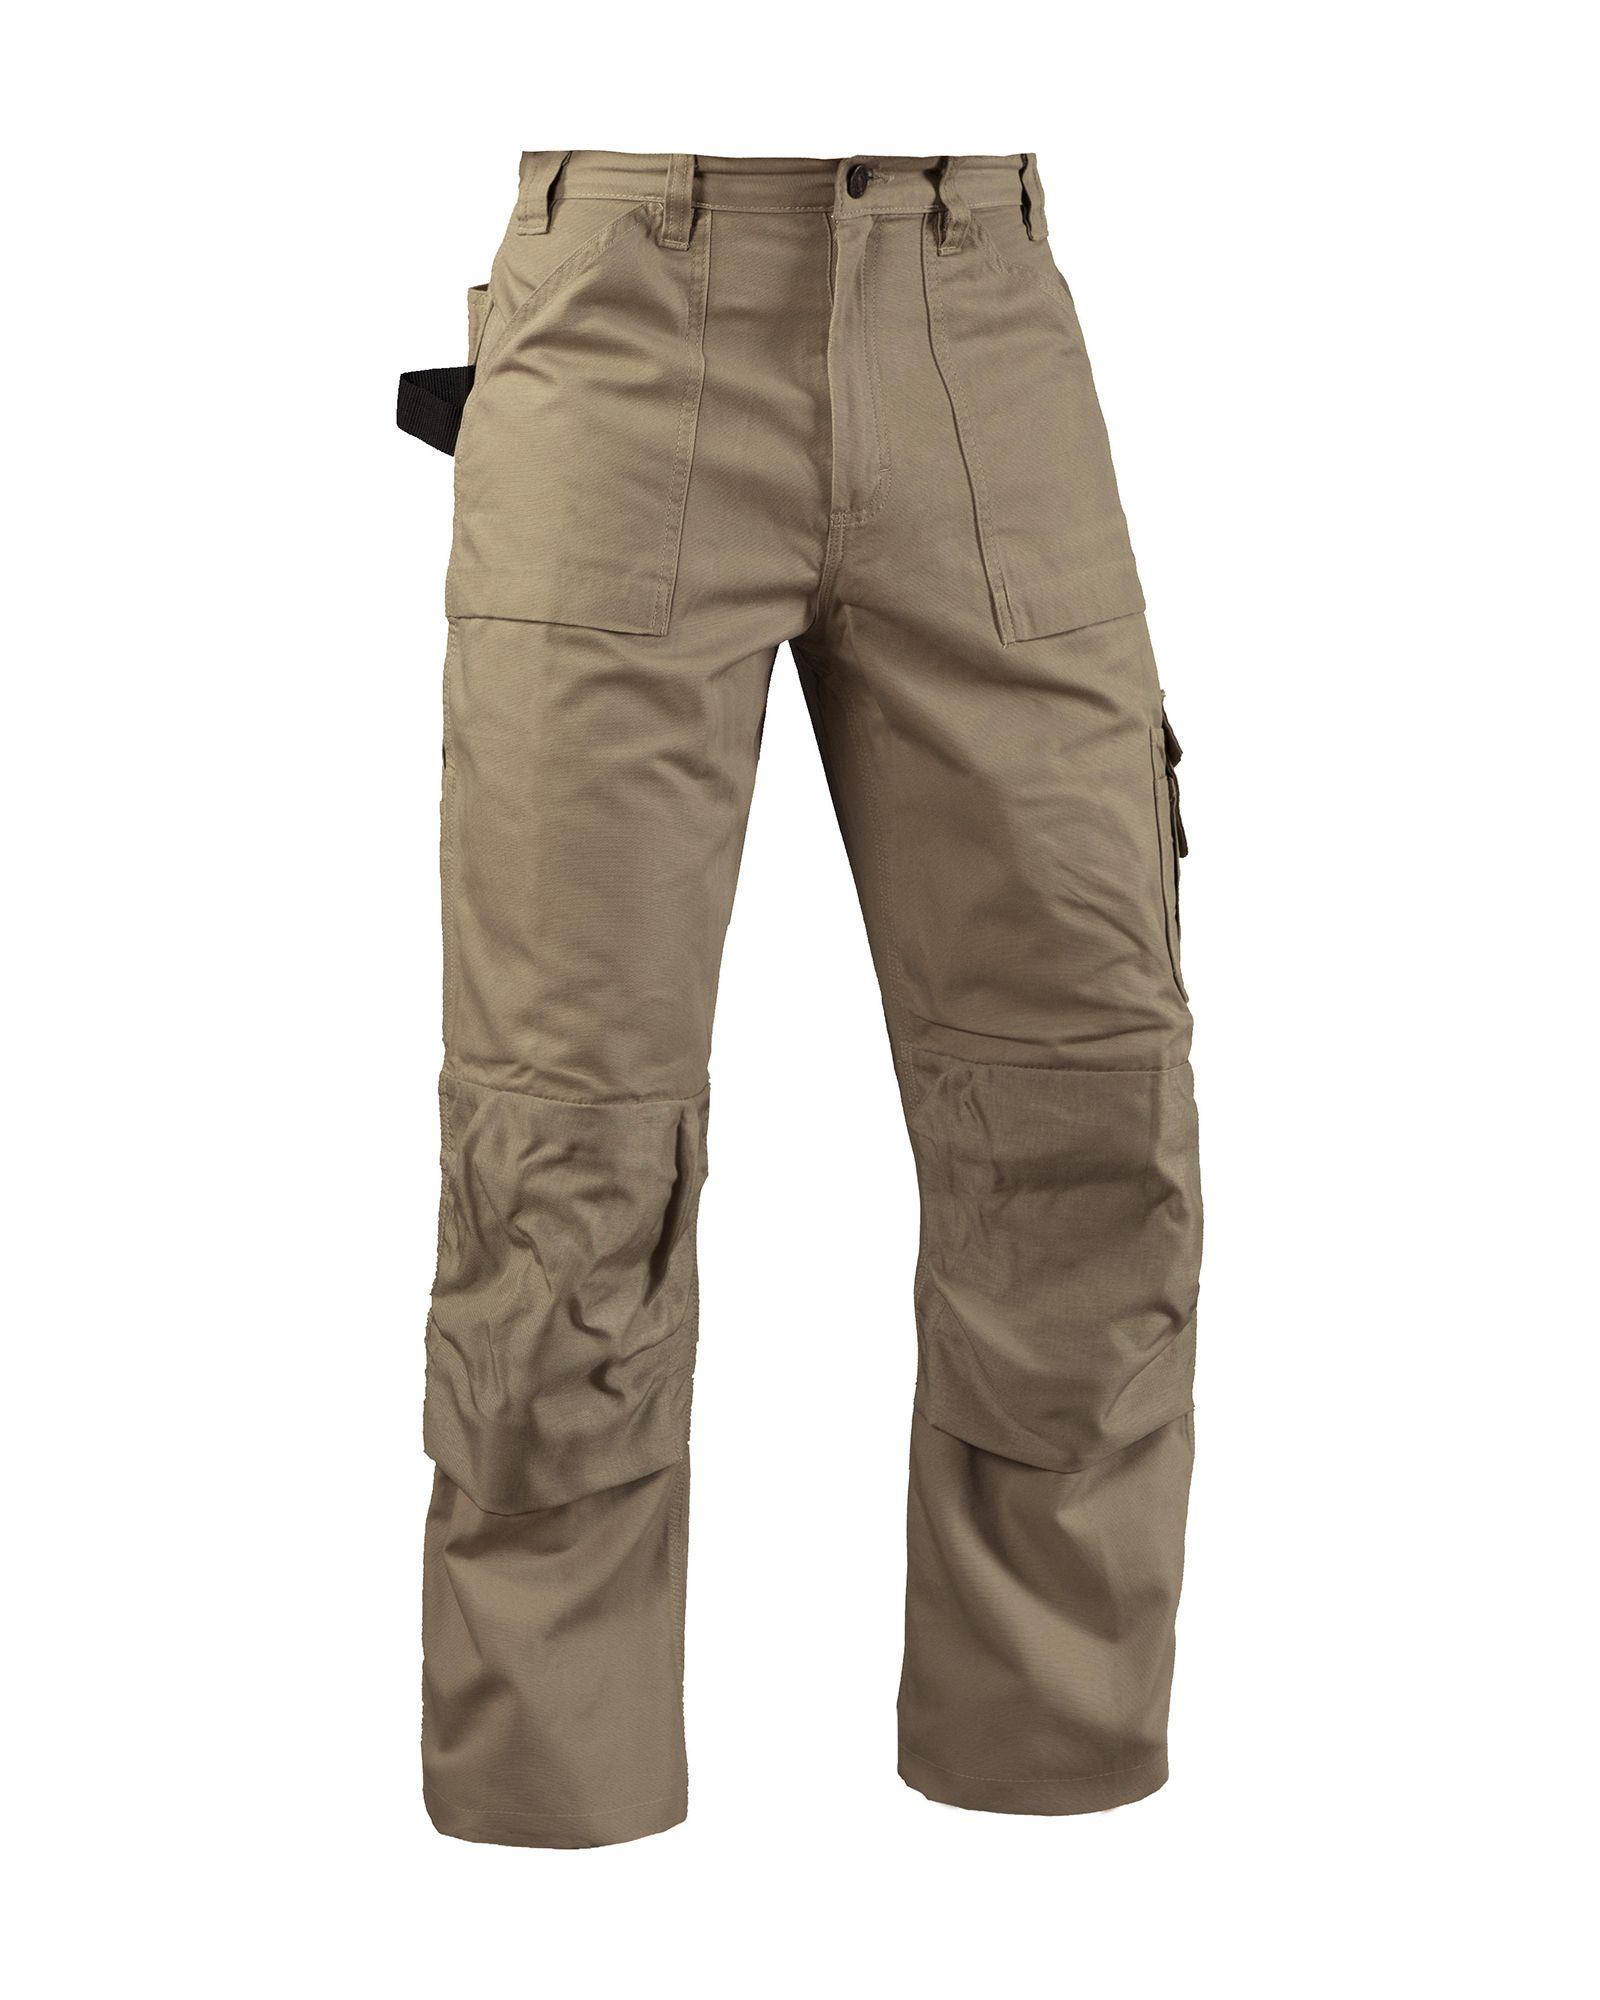 Blåkläder -                                 167013202800 Brawny Work pants